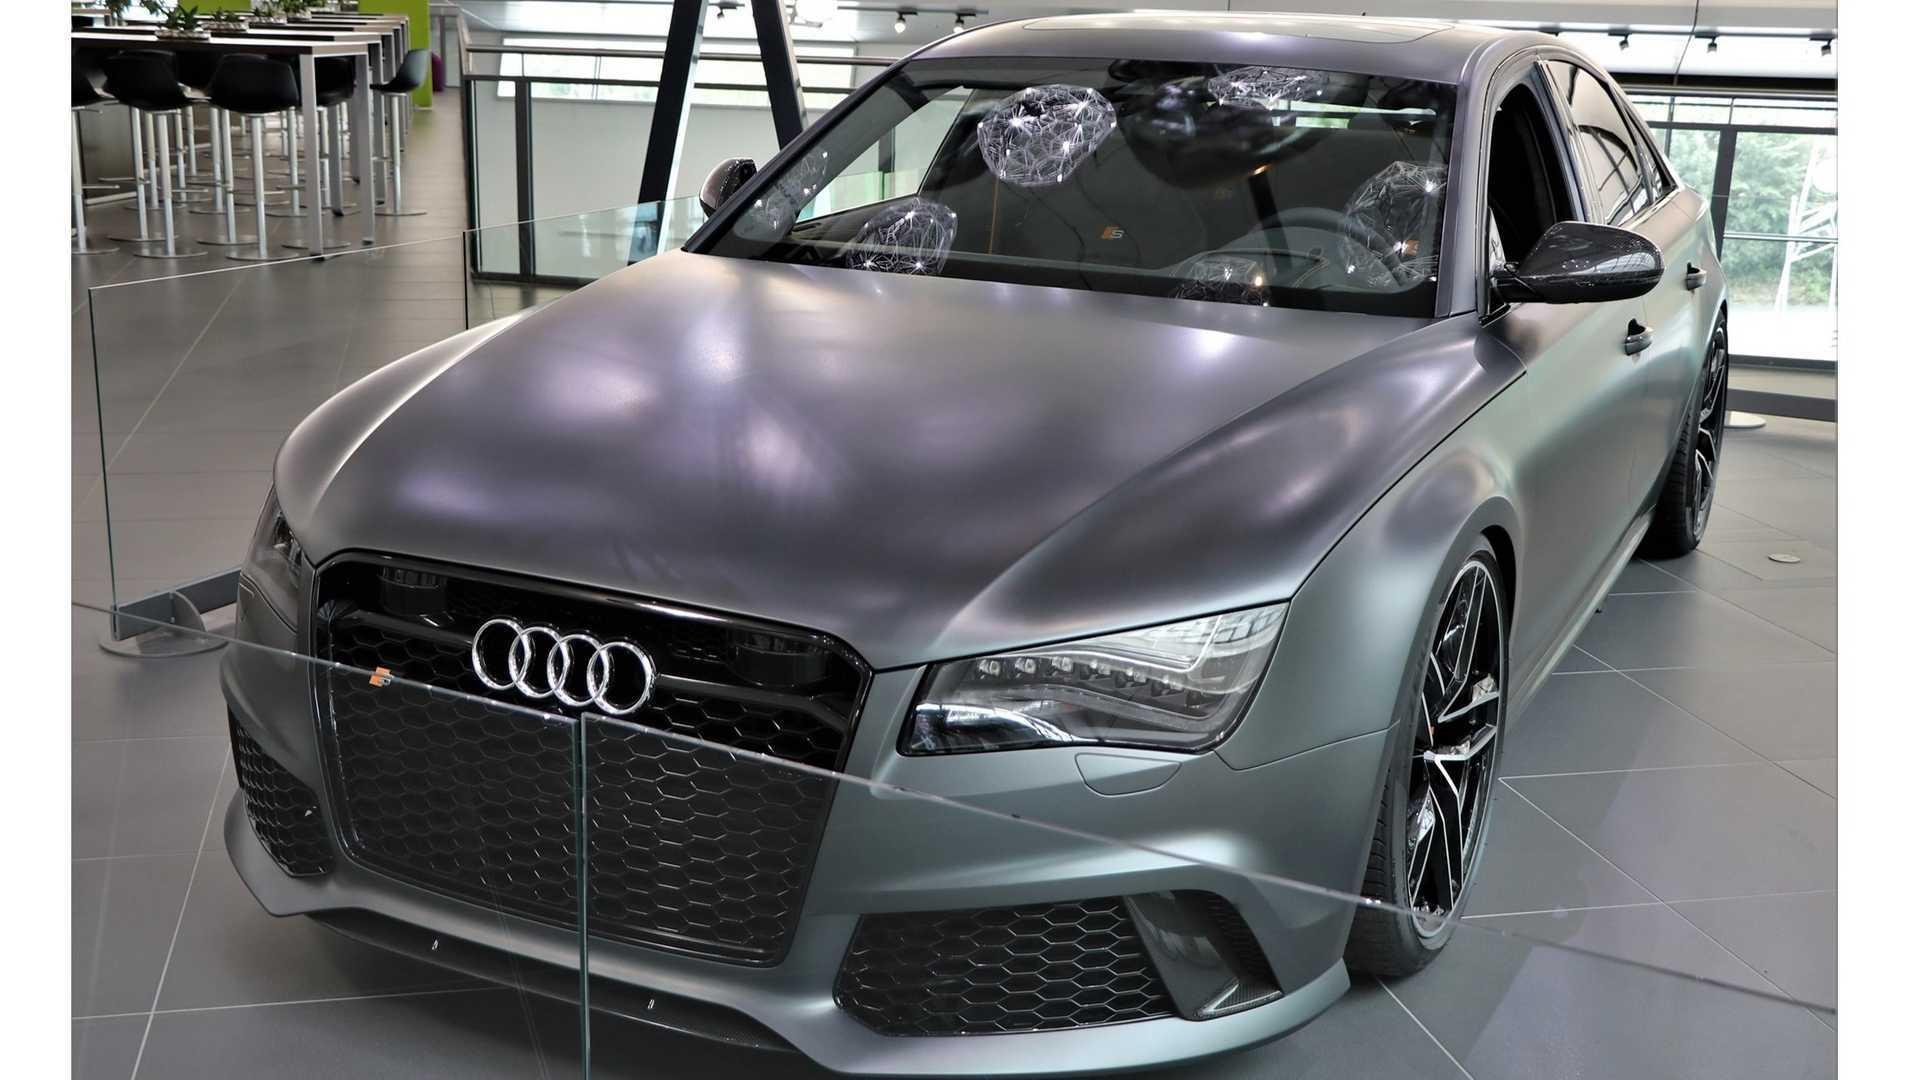 Kelebihan Audi Rs8 Perbandingan Harga